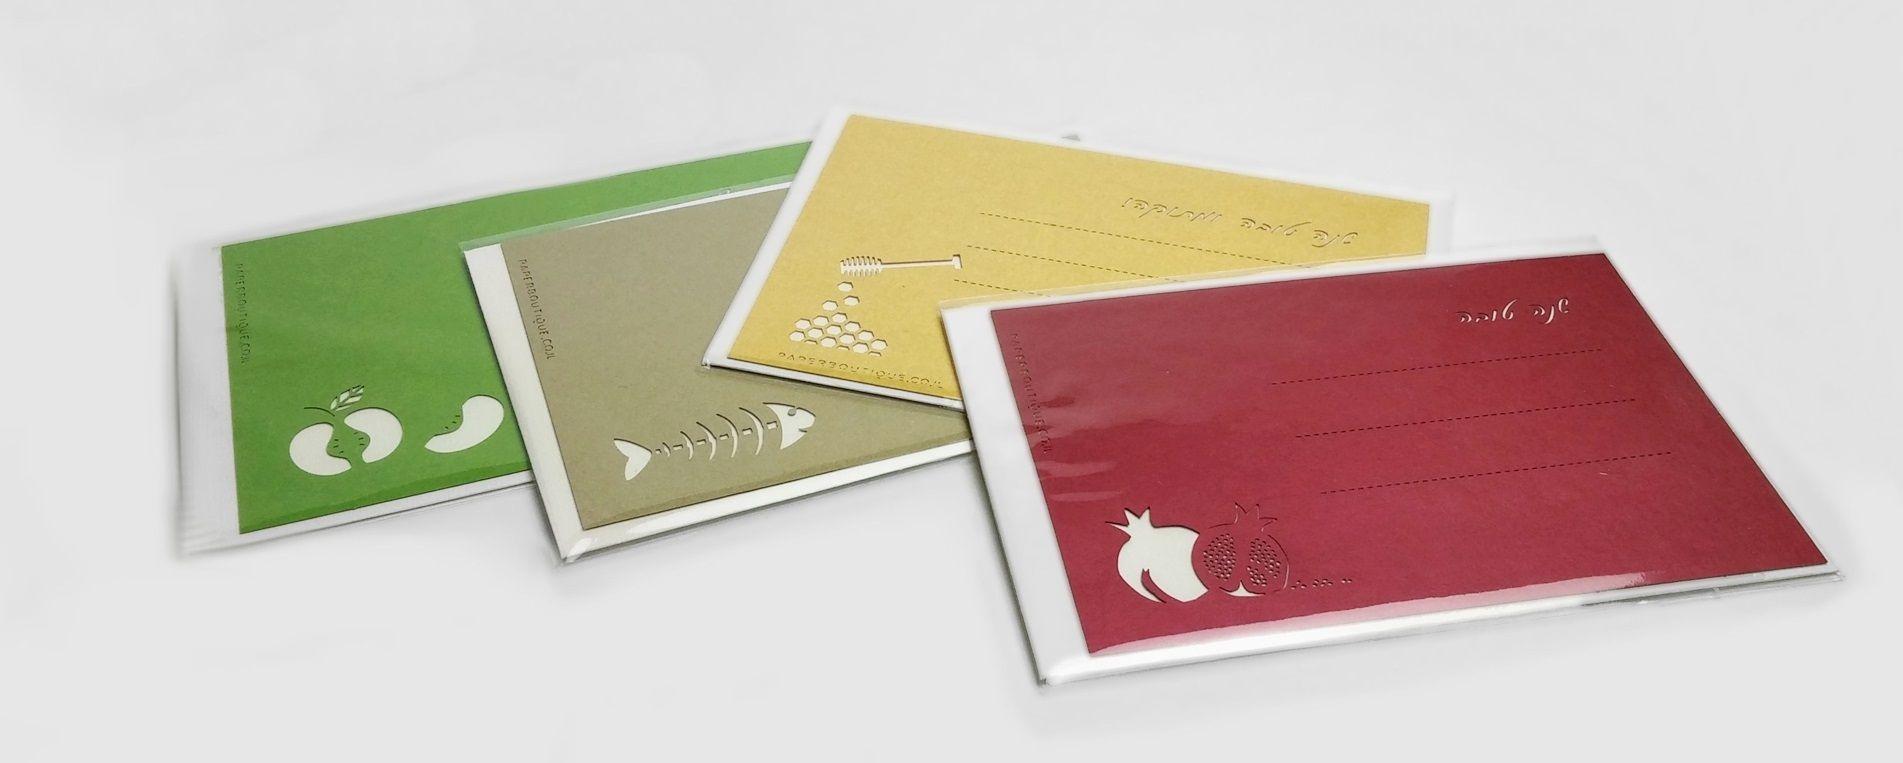 כרטיסי ברכה ממותגים לראש השנה חתוכים בלייזר